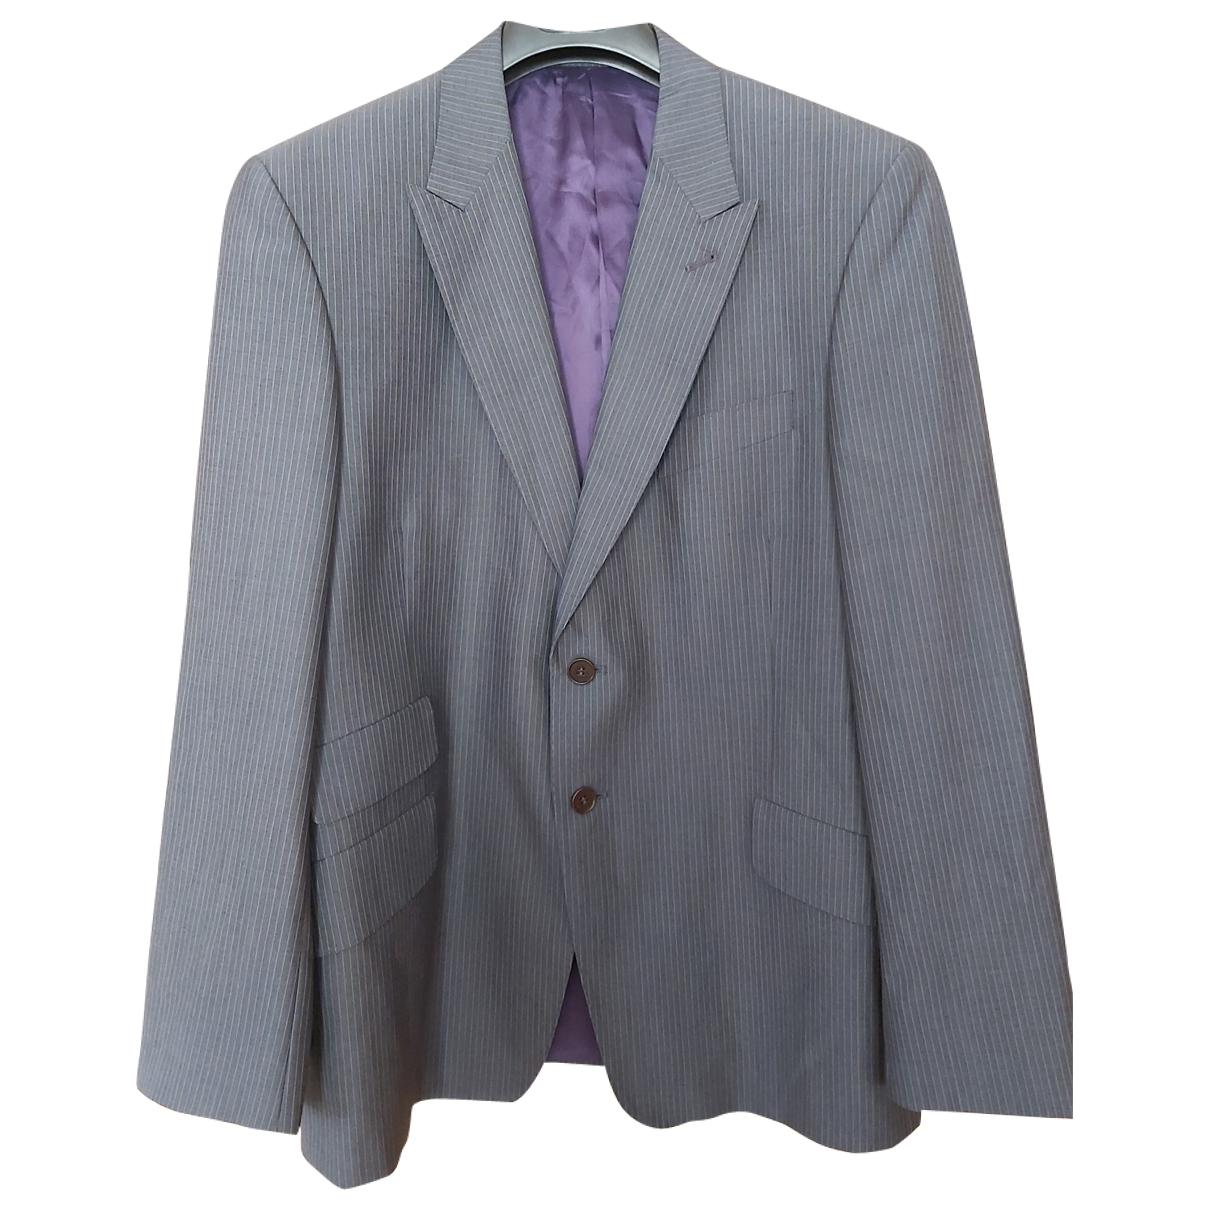 Paul Smith \N Beige Wool jacket  for Men 42 IT